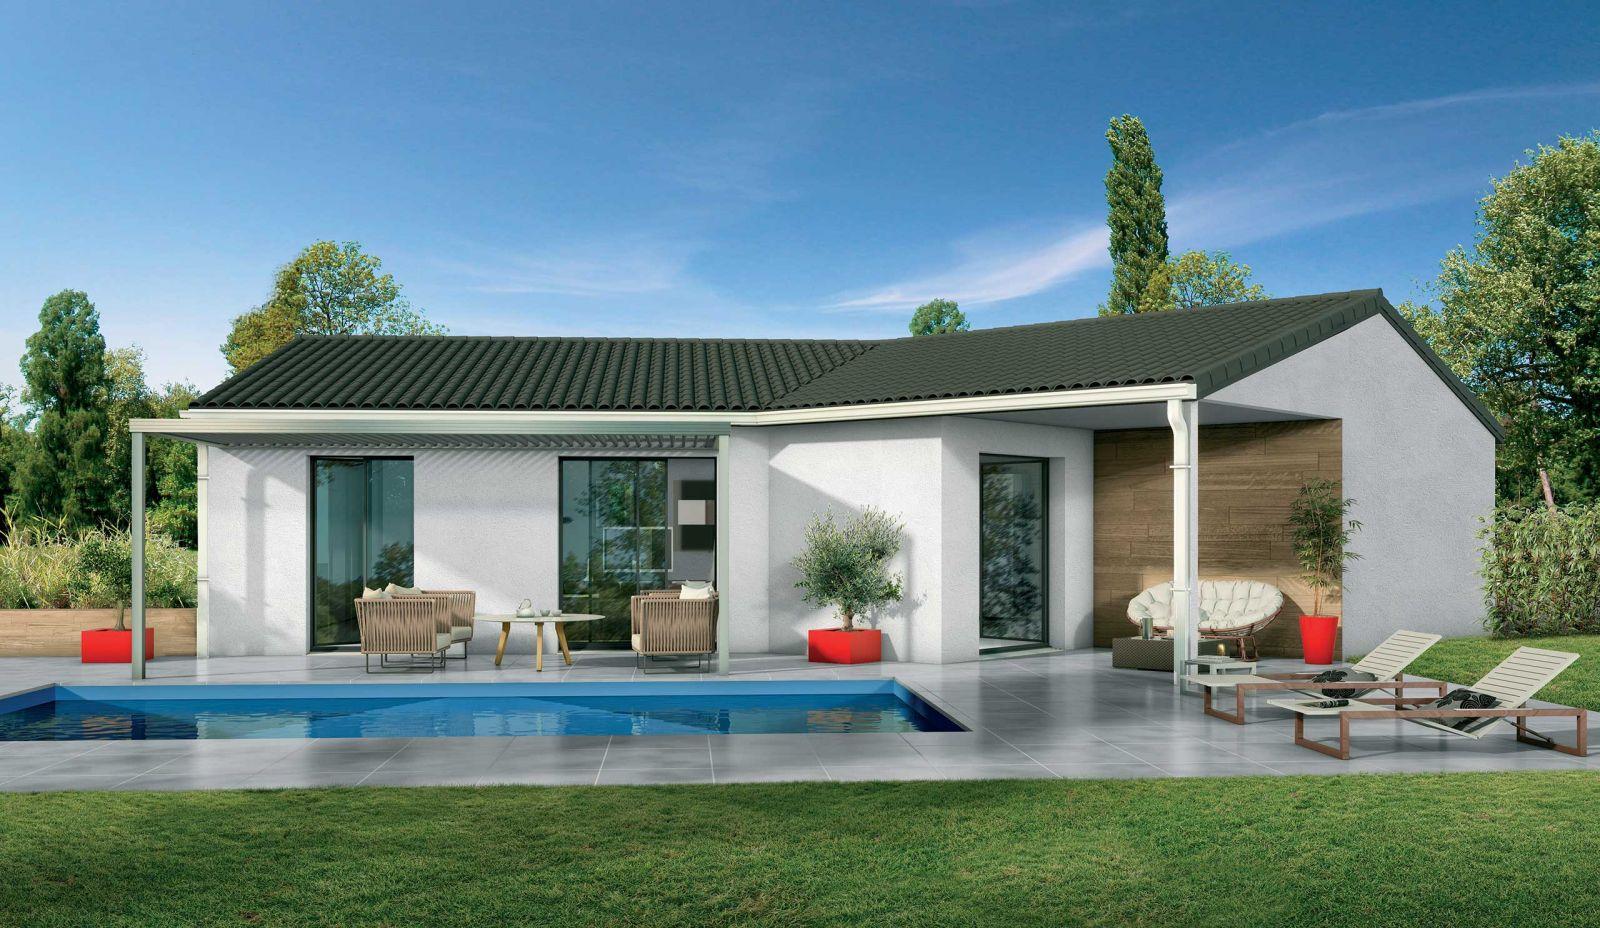 Terrain de 1100 m² + Maison de 100 m² + Garage de 15 m² sur la commune de Budos